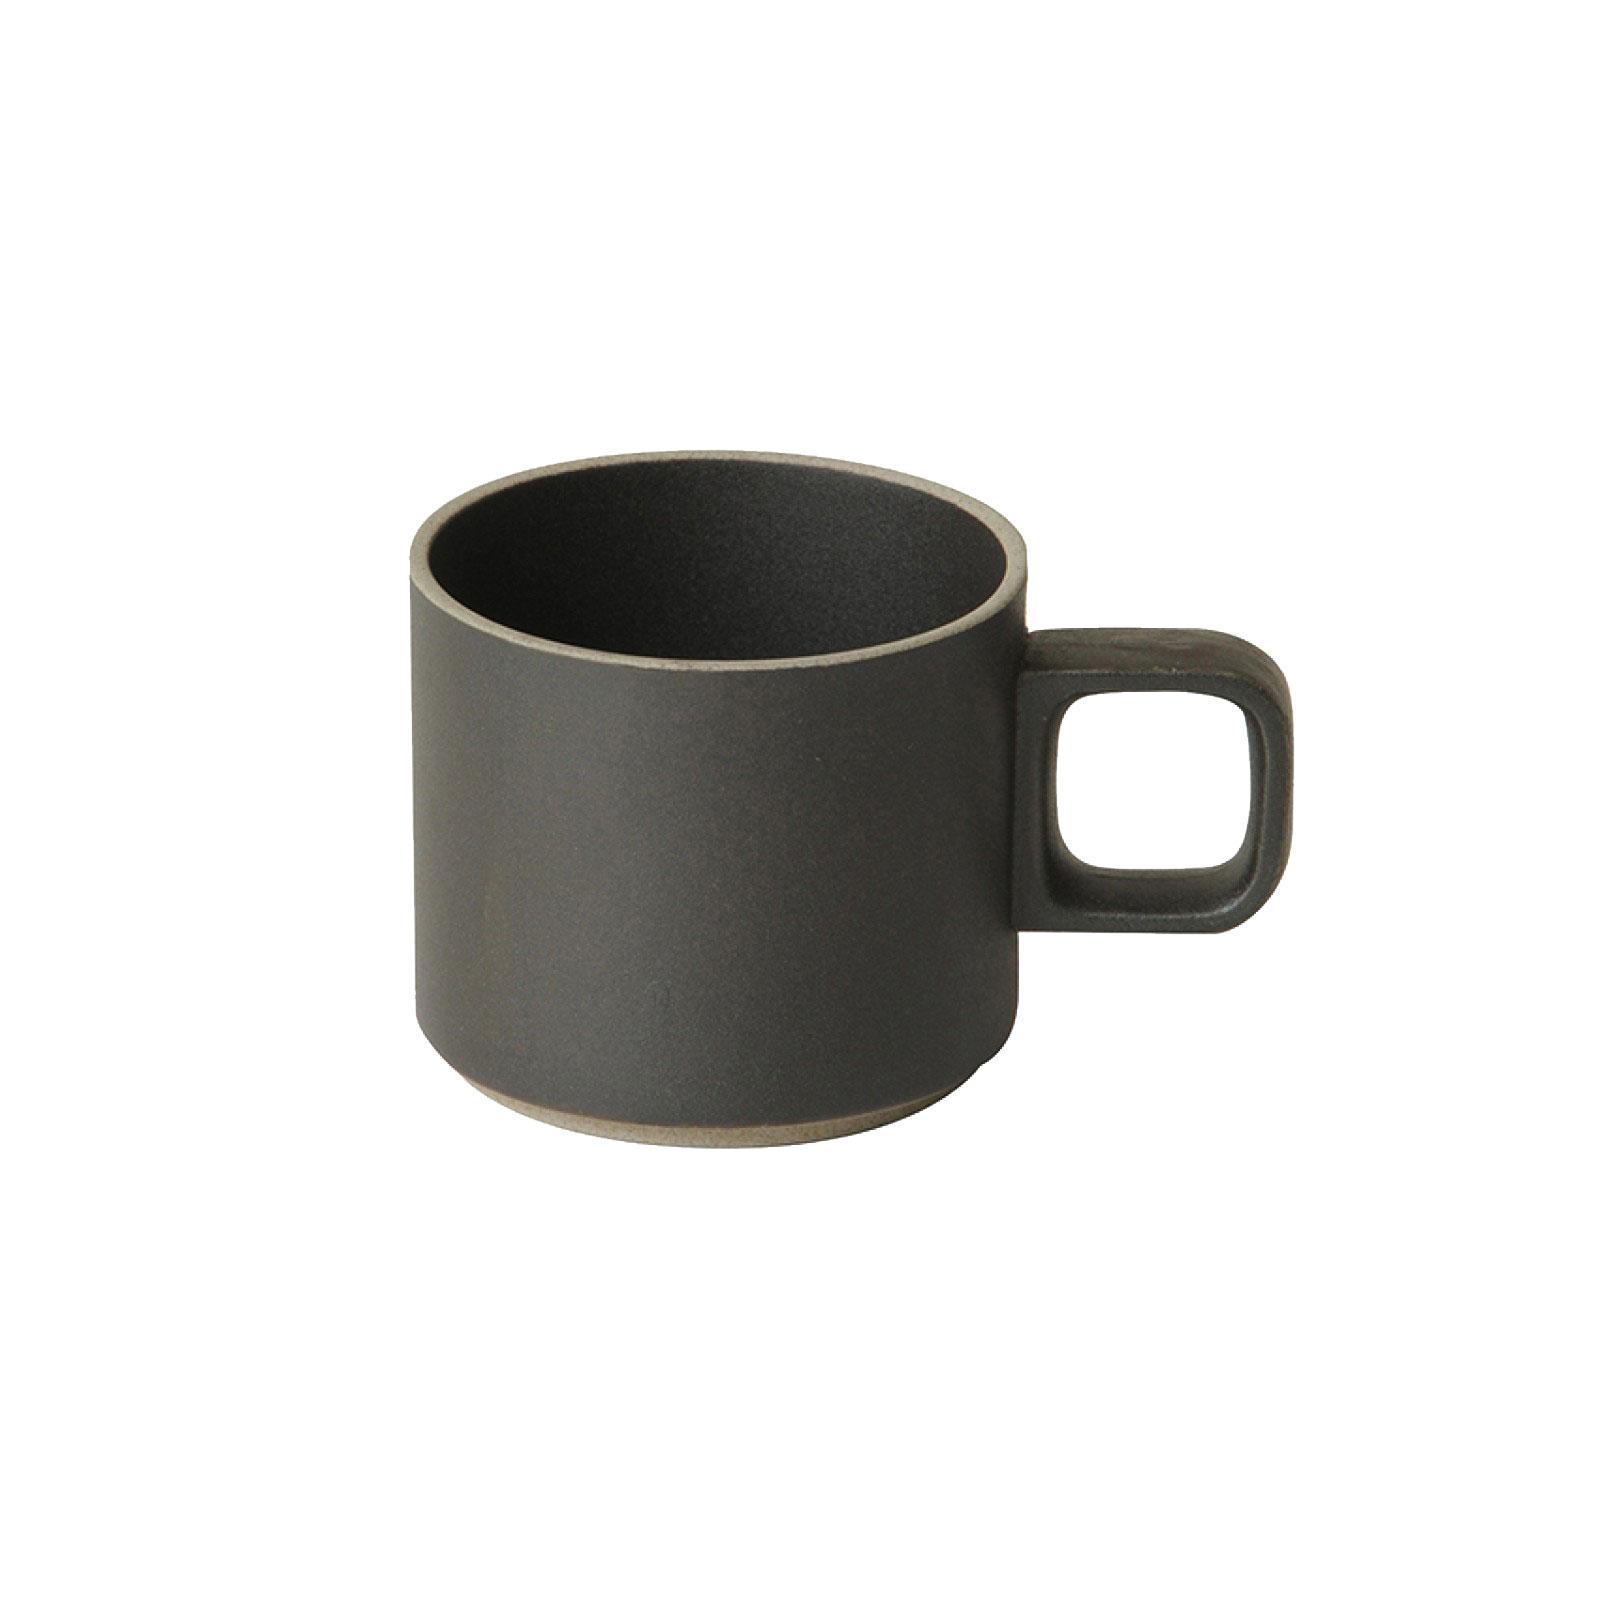 HPB019 Hasami Mug Cup low black